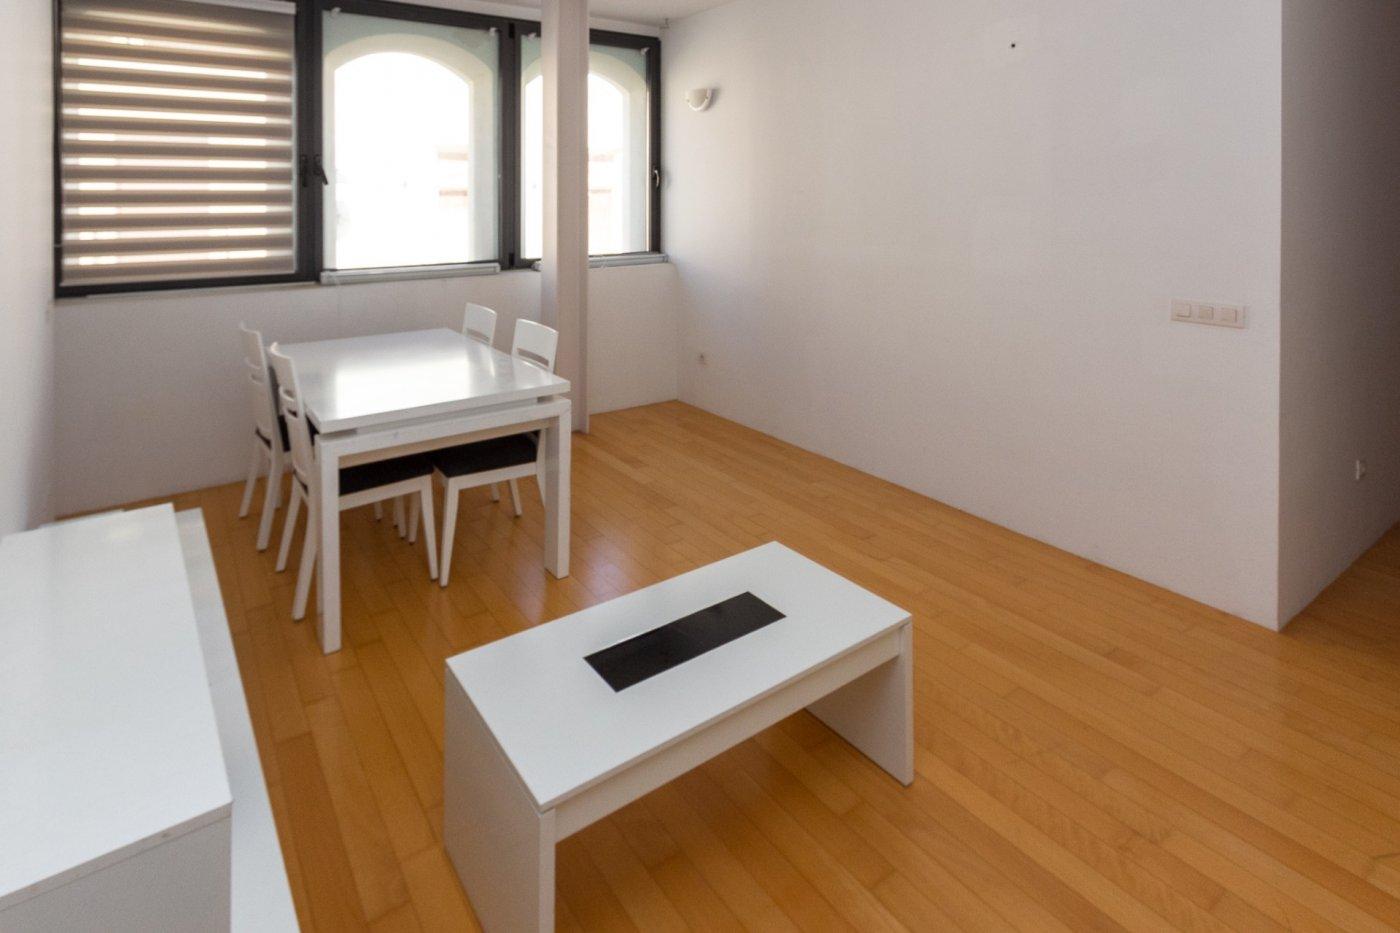 Piso de dos dormitorios de reciente construcción en zona centro de castalla - imagenInmueble3